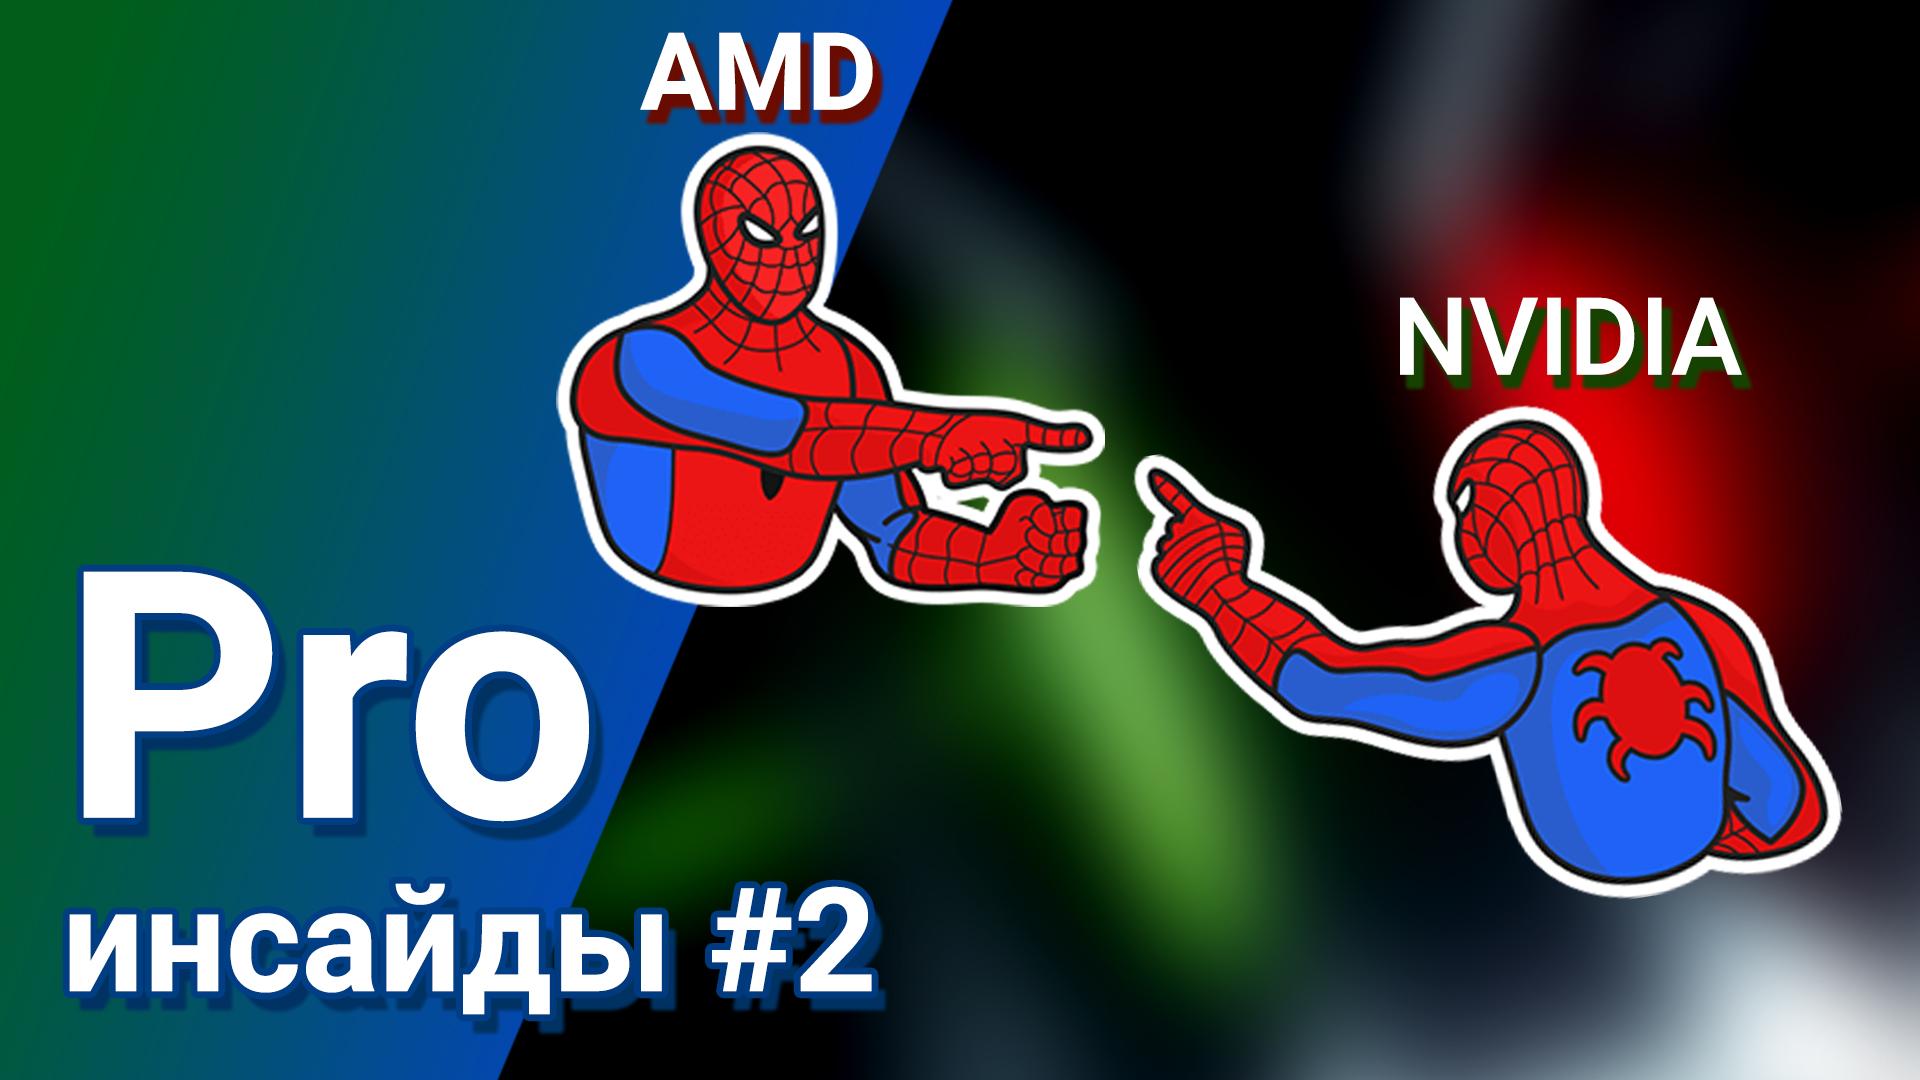 ПРО ИНСАЙДЫ #2: Про AMD Smart Access Memory и RTX IO, рейтрейсинг для всех и скорость новых консолей